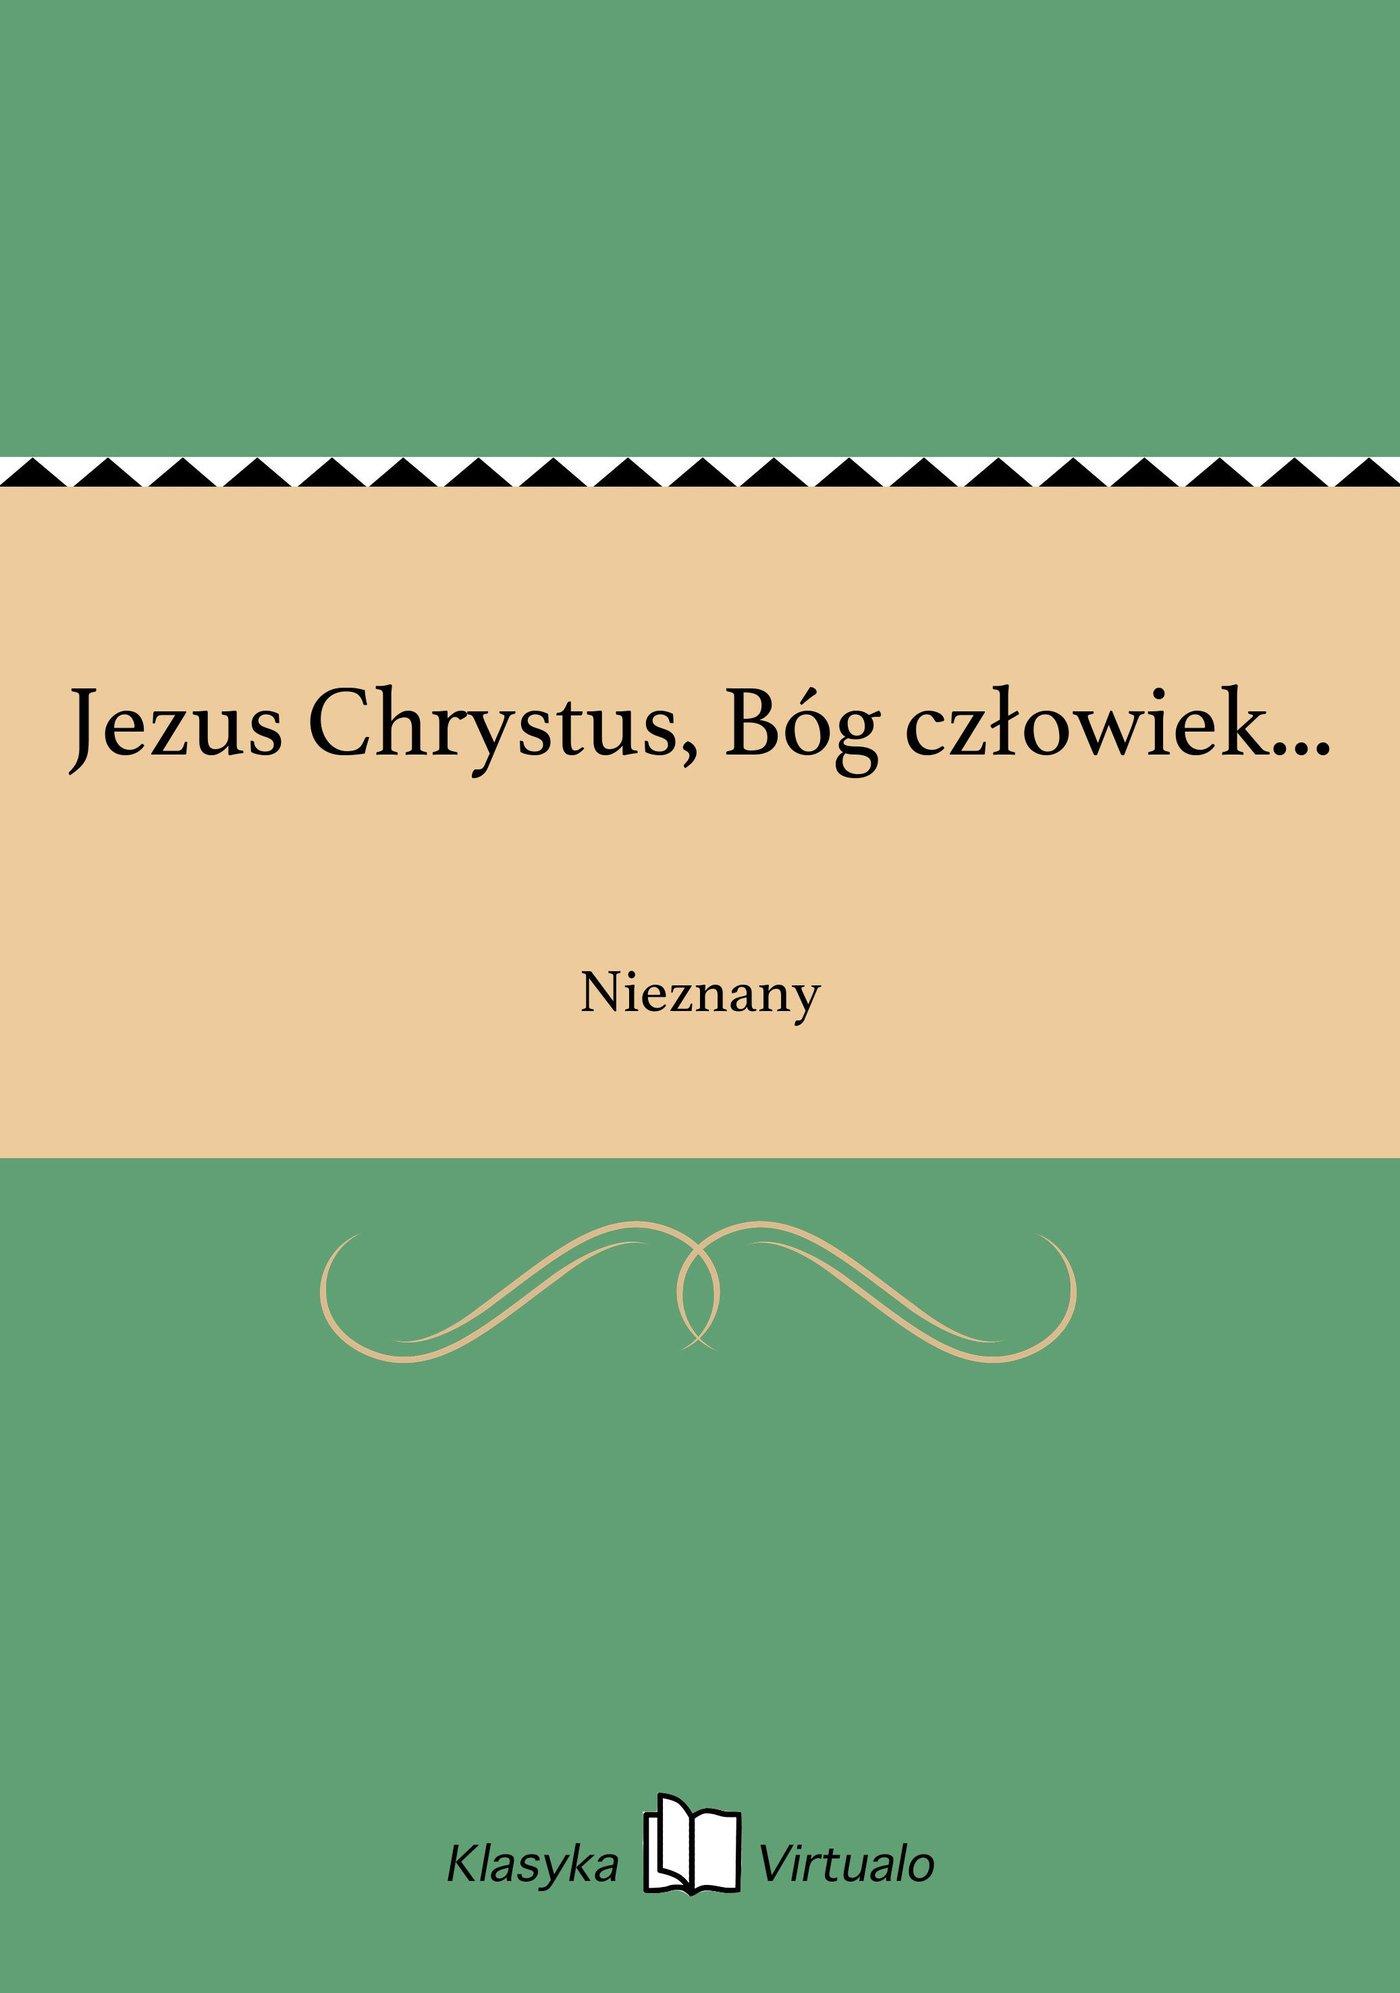 Jezus Chrystus, Bóg człowiek... - Ebook (Książka EPUB) do pobrania w formacie EPUB